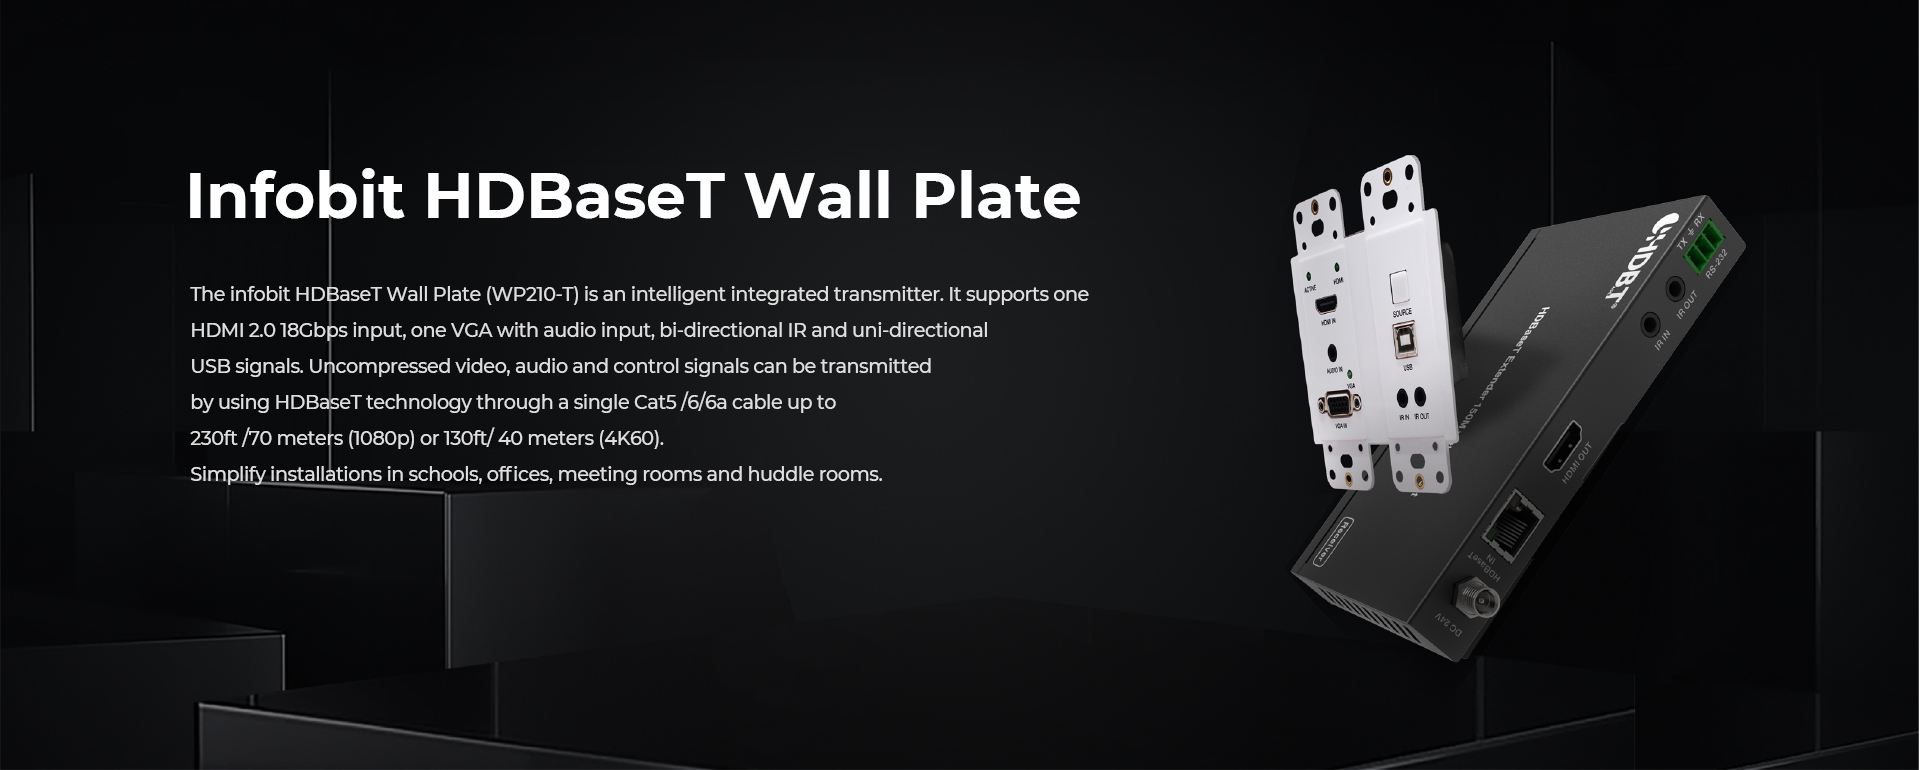 iTrans WP210-T HDBaseT Wall Plate transmitter